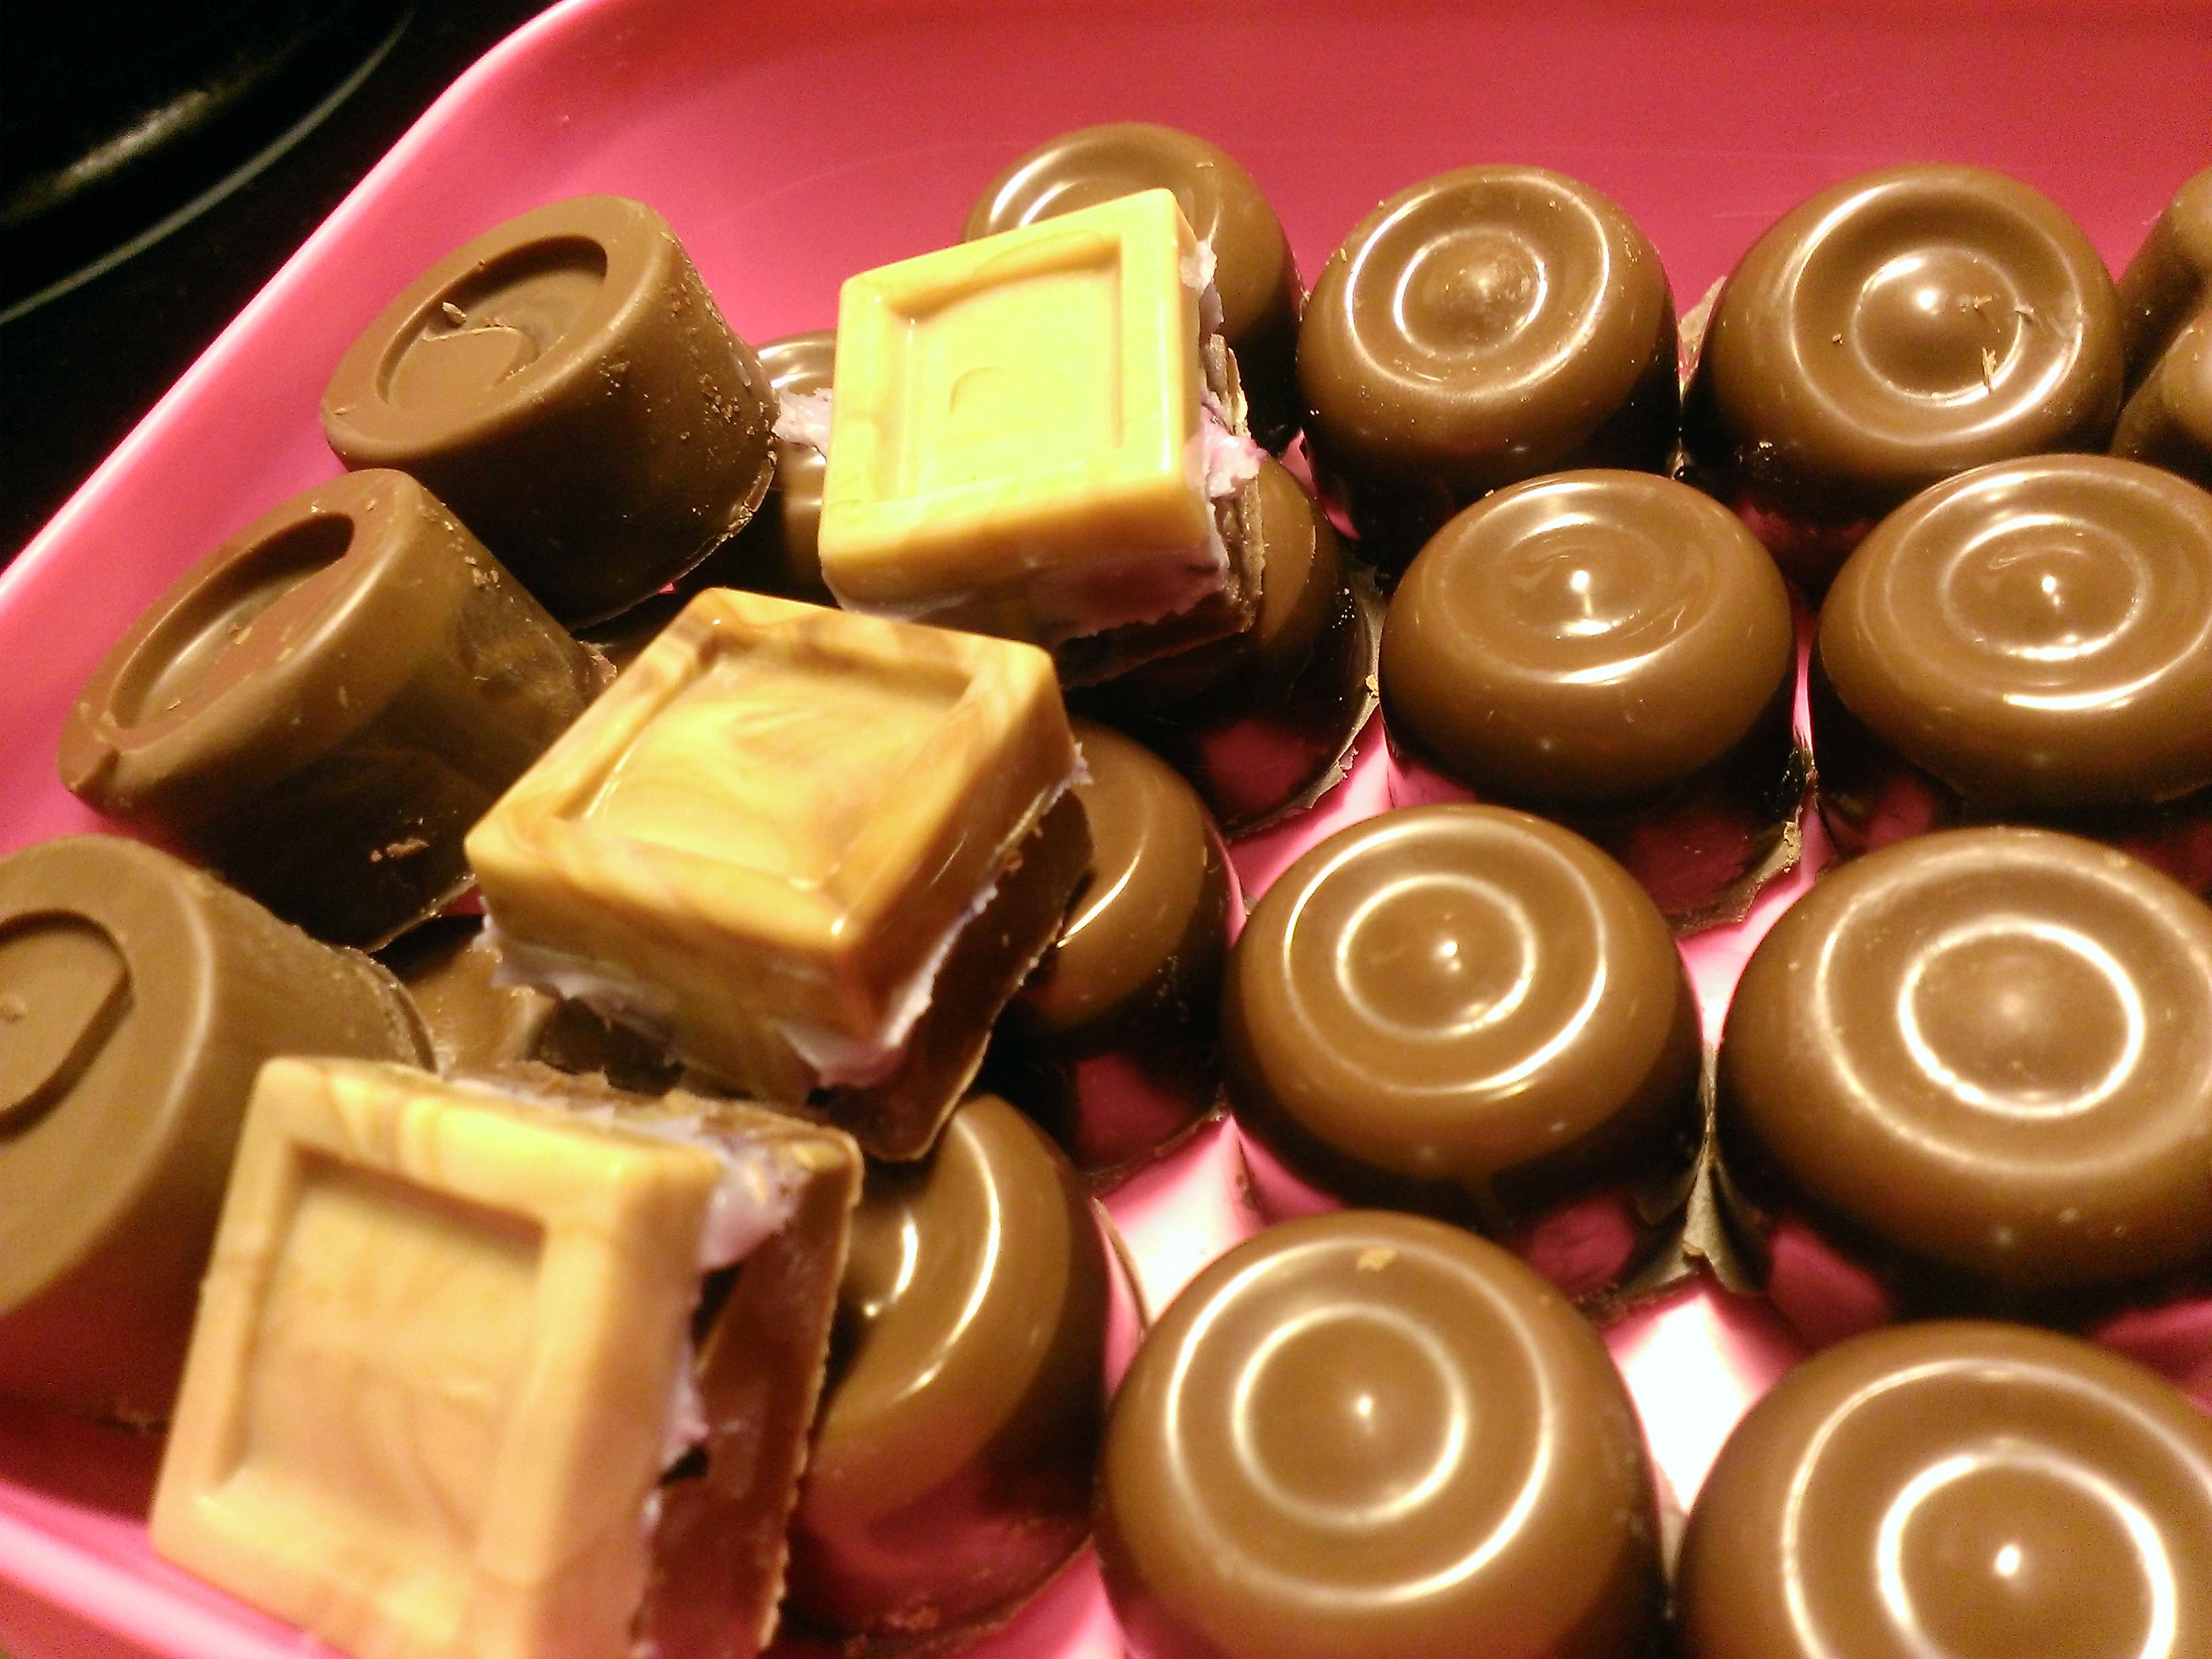 Enkla tvåfärgade chokladpraliner